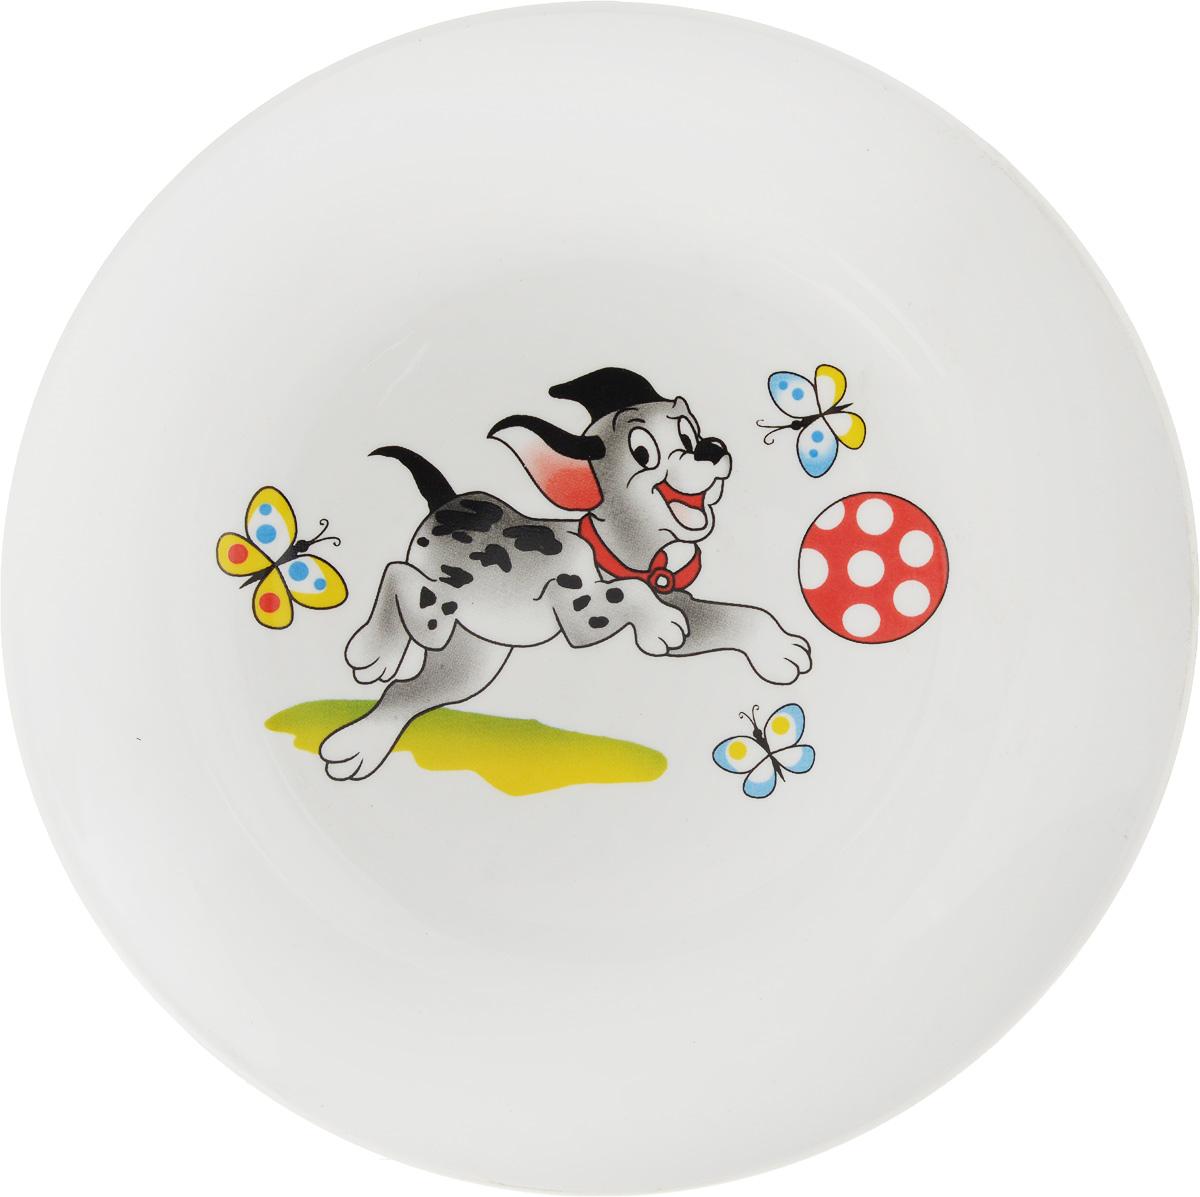 Тарелка десертная Кубаньфарфор Озорные щенки. Вид 2, диаметр 17,5 см057_Озорные щенки_вид 2Десертная тарелка Кубаньфарфор Озорные щенки. Вид 2, изготовленная из фаянса с глазурованным покрытием, декорирована изображением милого щенка. Такая тарелка украсит сервировку вашего стола и подчеркнет прекрасный вкус хозяина, а также станет отличным подарком.